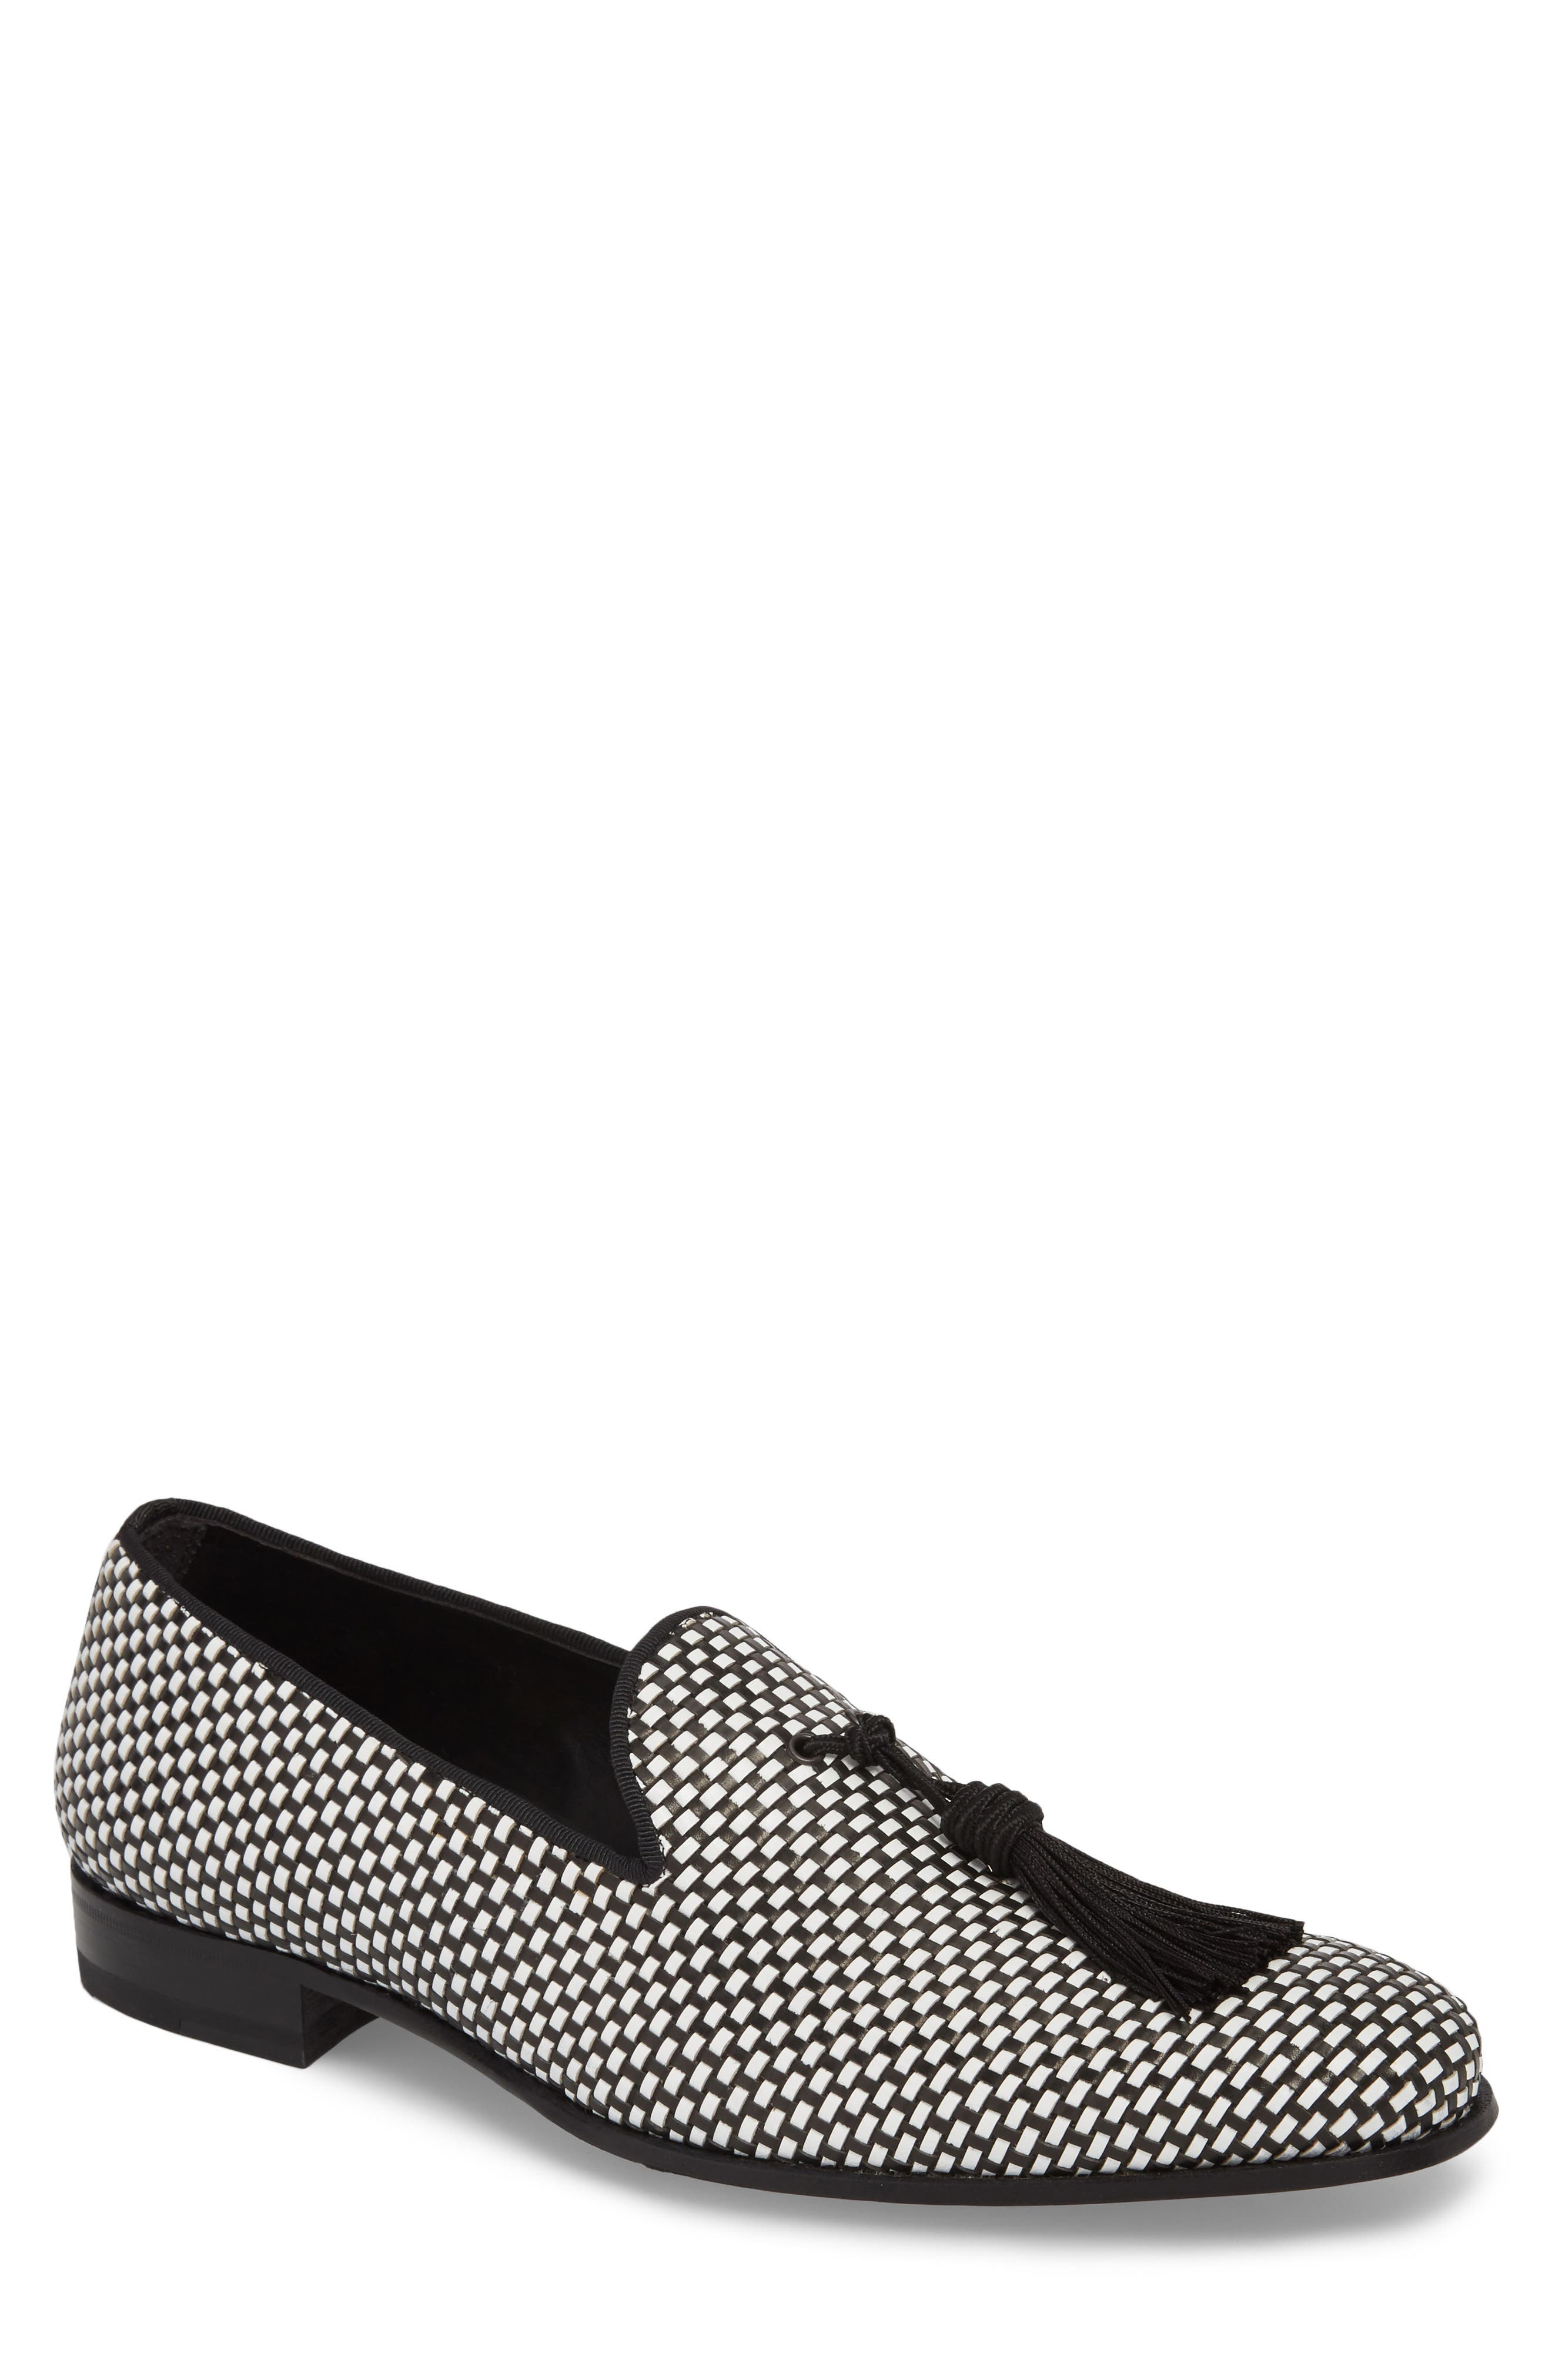 Egeo Tassel Loafer,                             Main thumbnail 1, color,                             Black/ White Leather